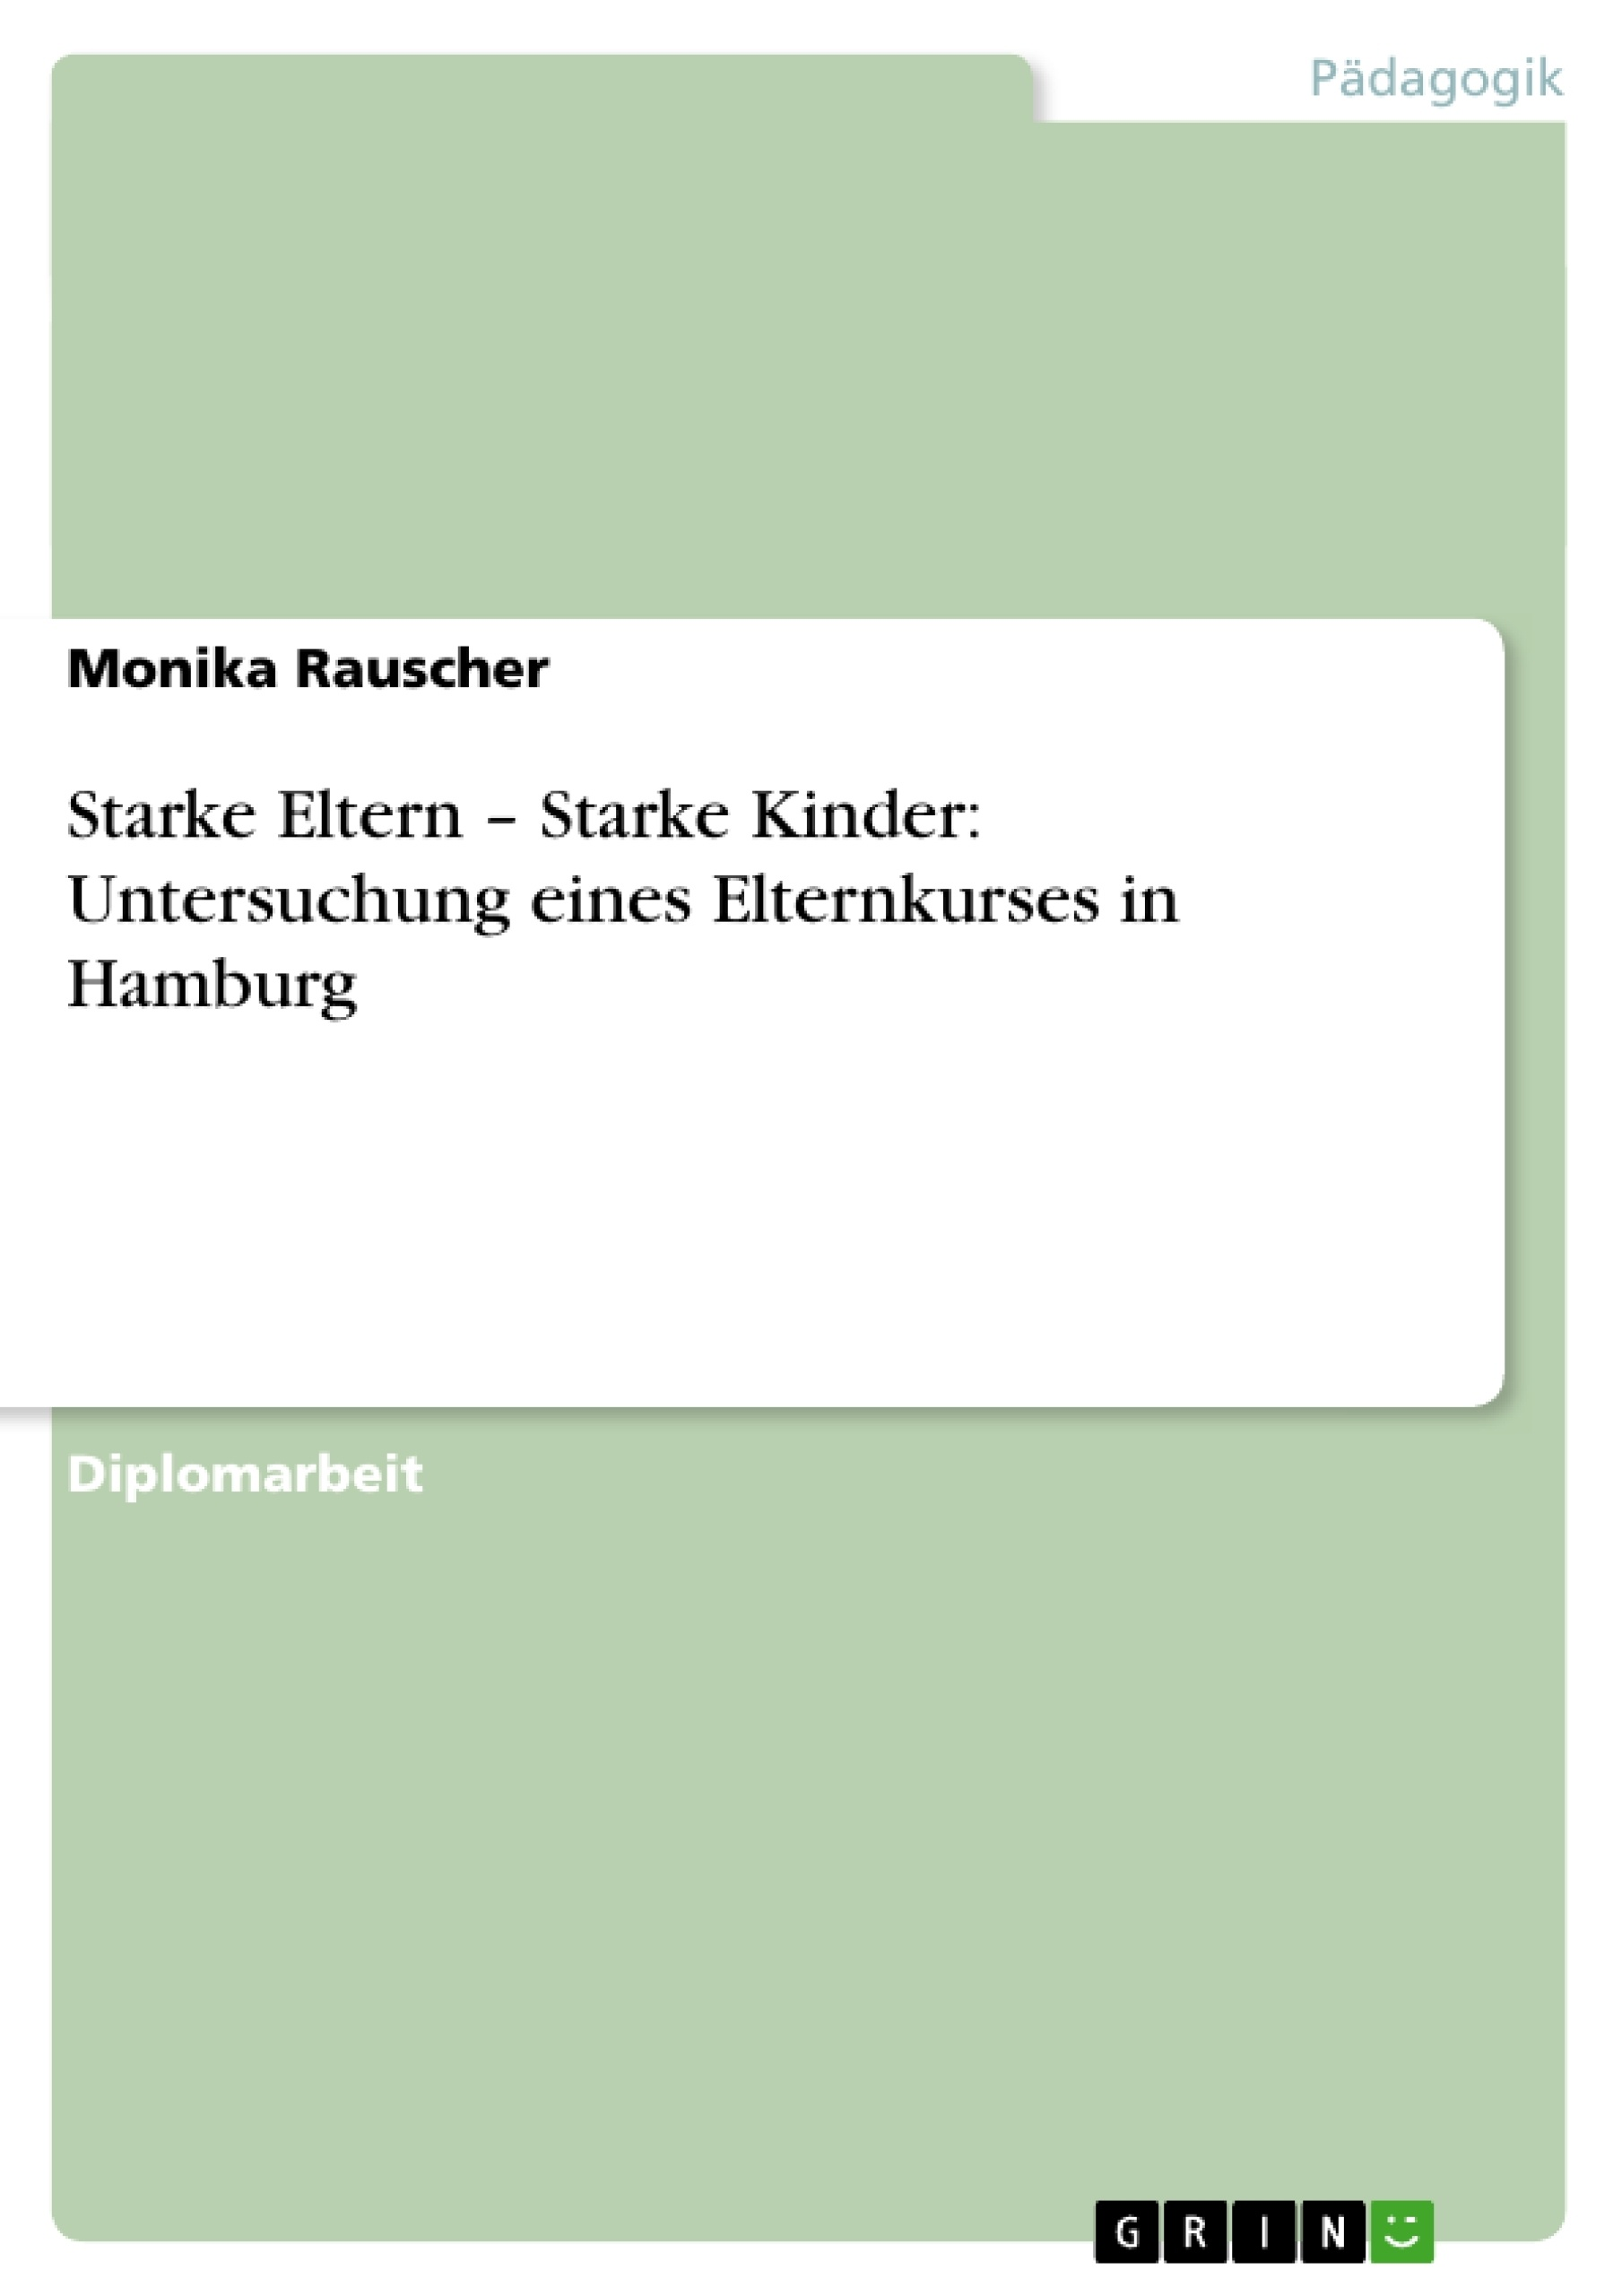 Titel: Starke Eltern – Starke Kinder: Untersuchung eines Elternkurses in Hamburg